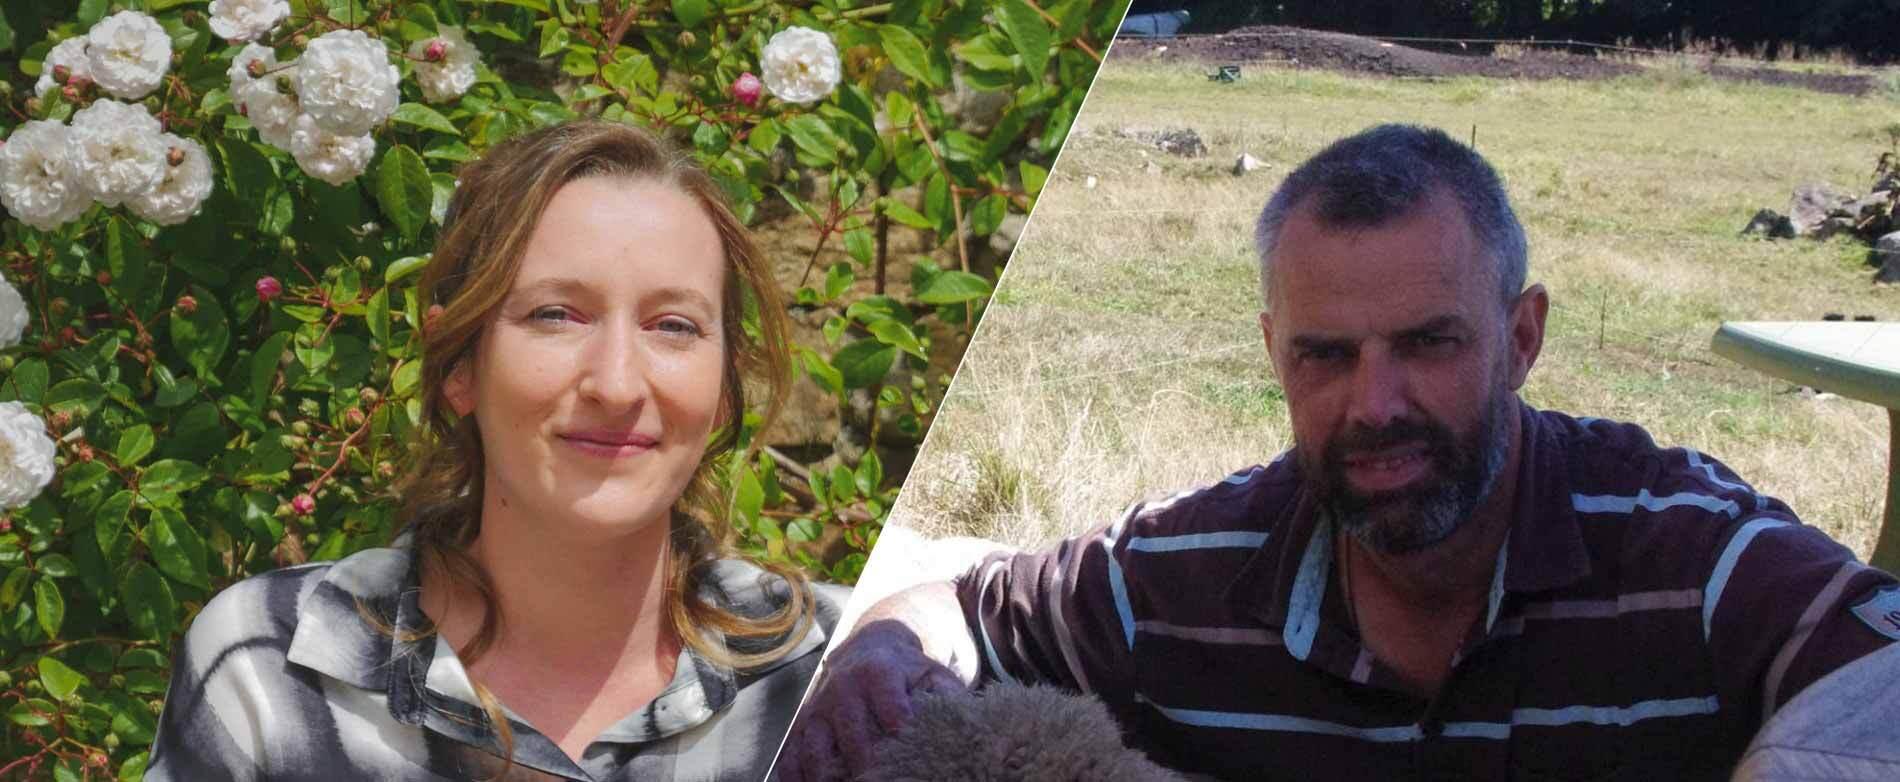 Marine Saliou et Christian Toullec, interview croisée